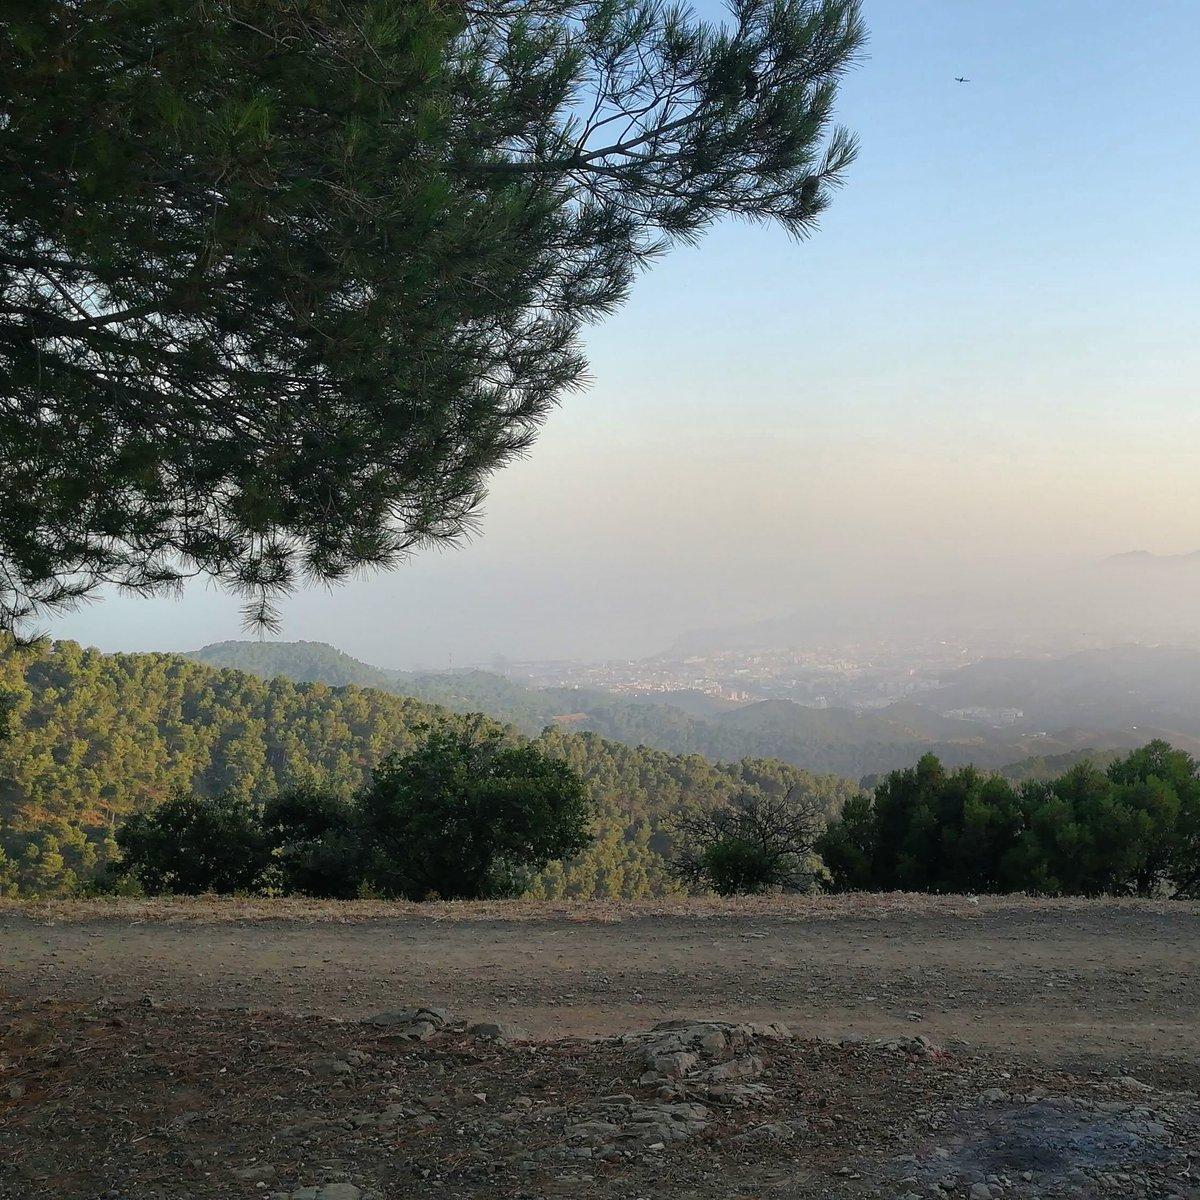 Desde el Mirador del Cochino en Los Montes de Málaga #montesdemalaga #konmegan #naturaleza #nature #mountain #montañas #lifestyle #andalucia #senderismo #senderos #Senderista #lovemountains #photosofmalaga #megustaesterincon #bosque  #vistasdemalaga #miradordelcochinopic.twitter.com/B2bdr6n2dz